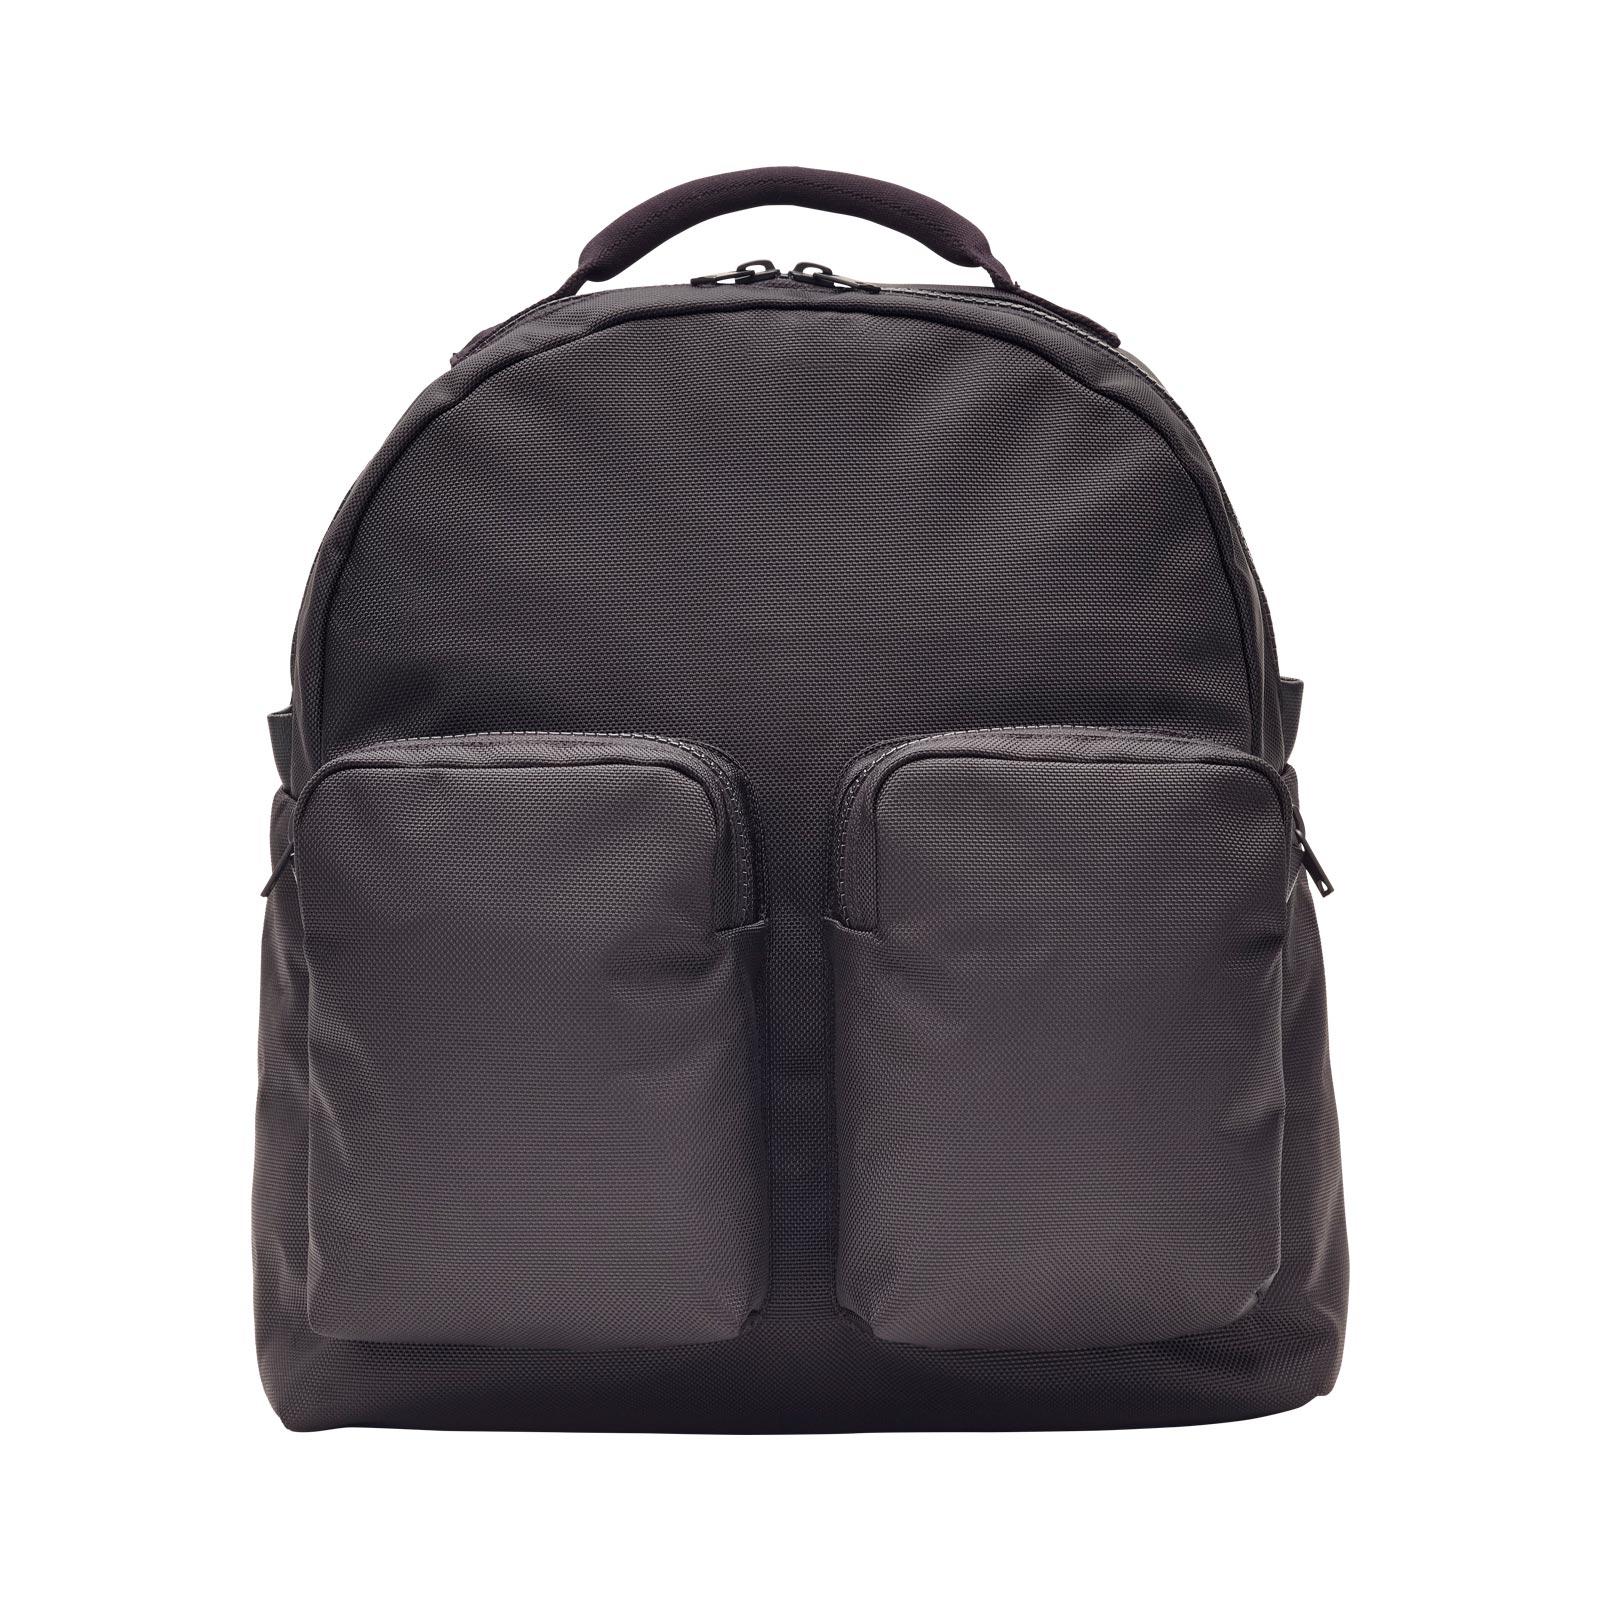 ef1aaeacb127 adidas KW Backpack - AO1024 - Sneakersnstuff